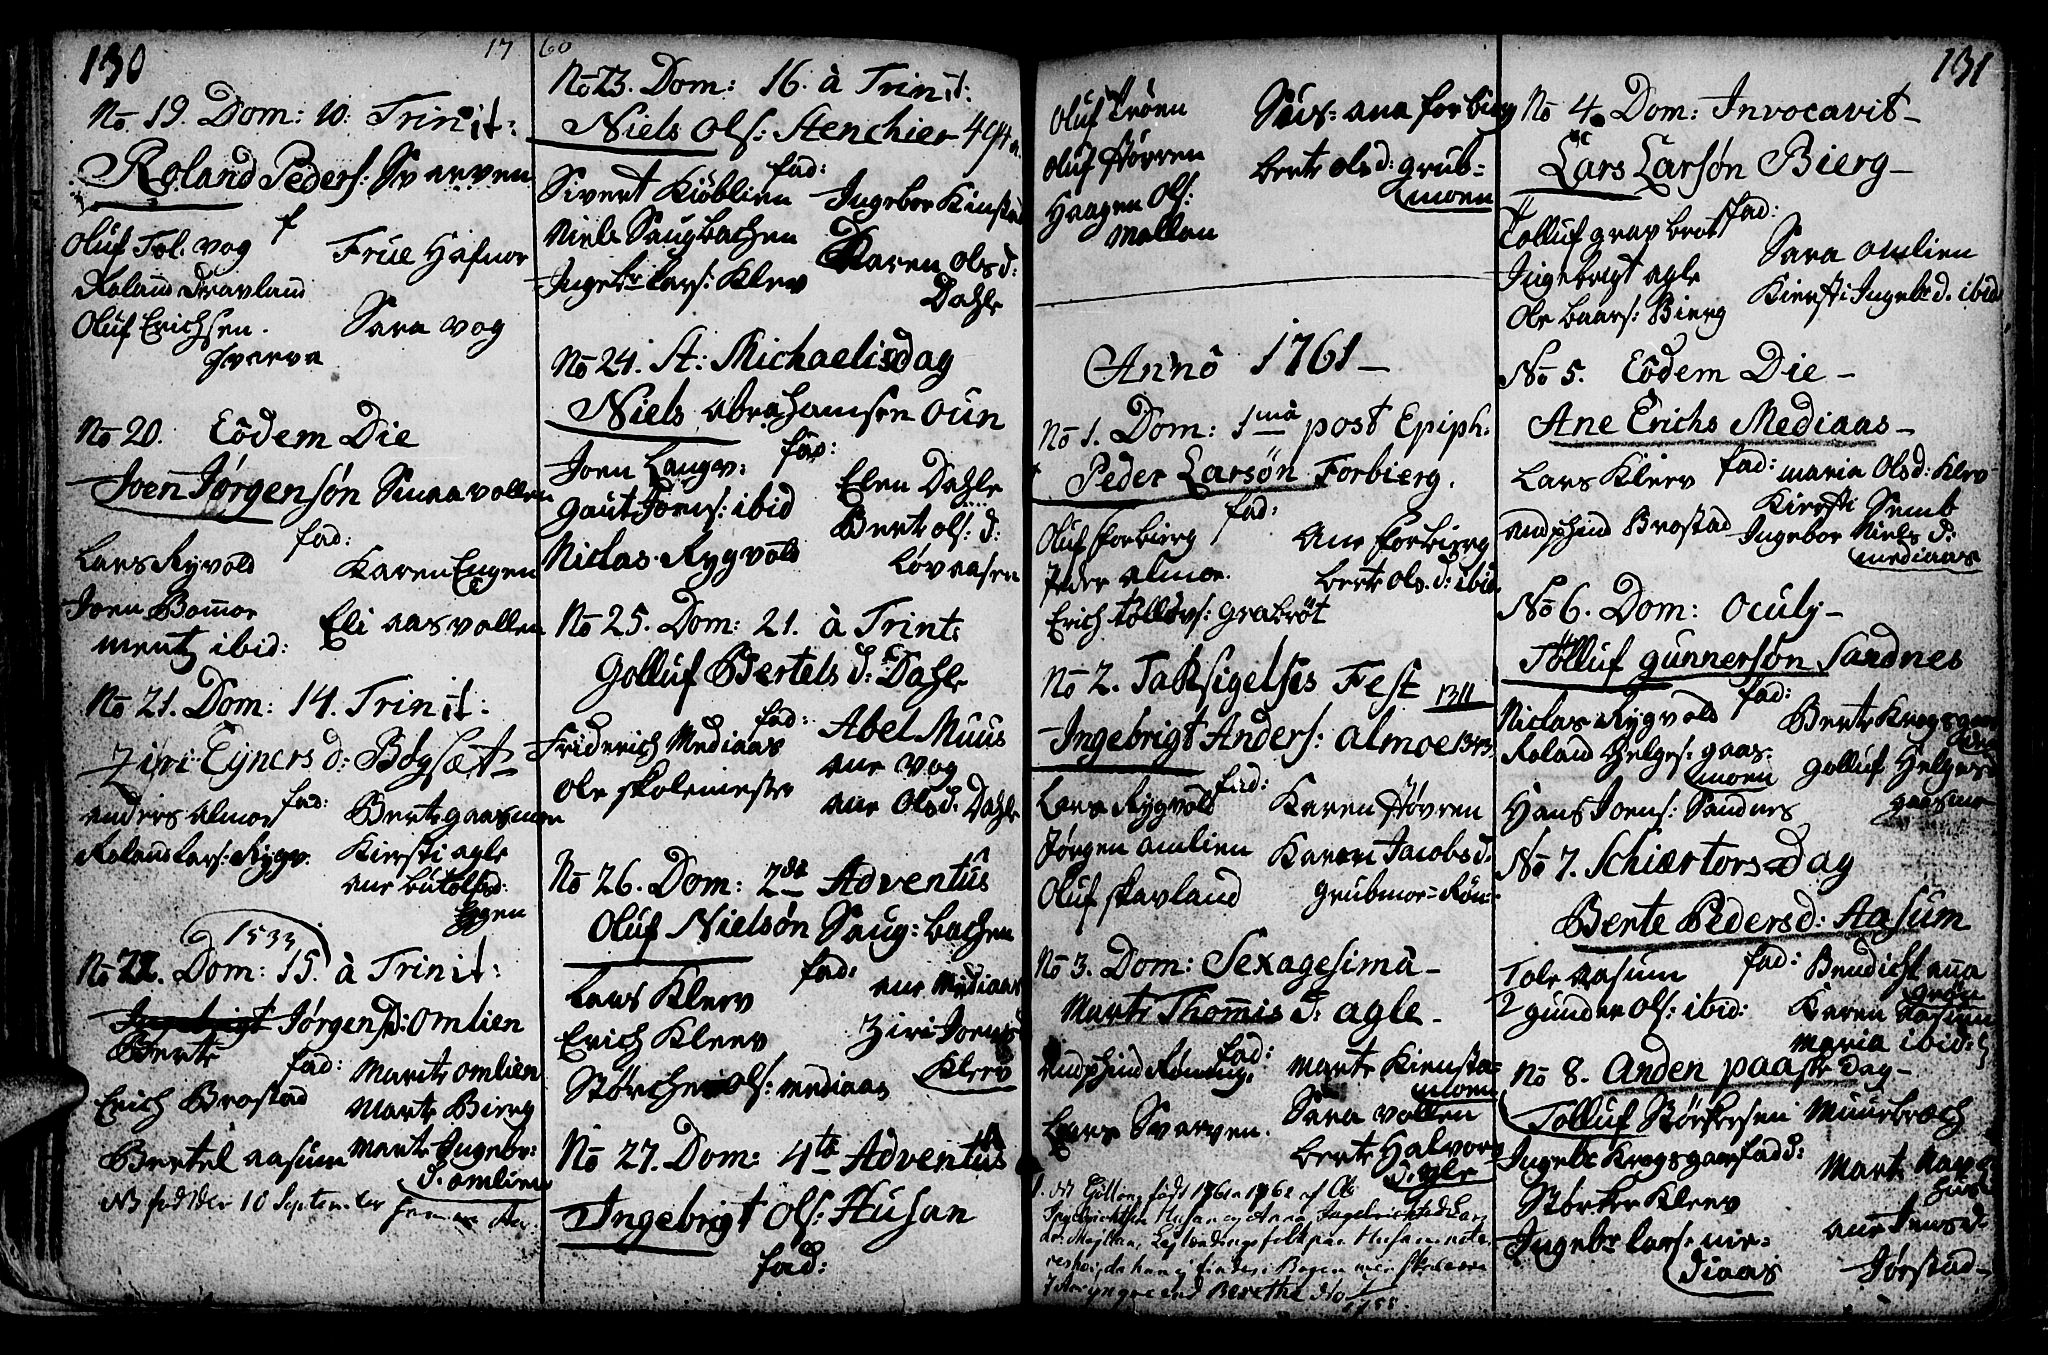 SAT, Ministerialprotokoller, klokkerbøker og fødselsregistre - Nord-Trøndelag, 749/L0467: Ministerialbok nr. 749A01, 1733-1787, s. 130-131